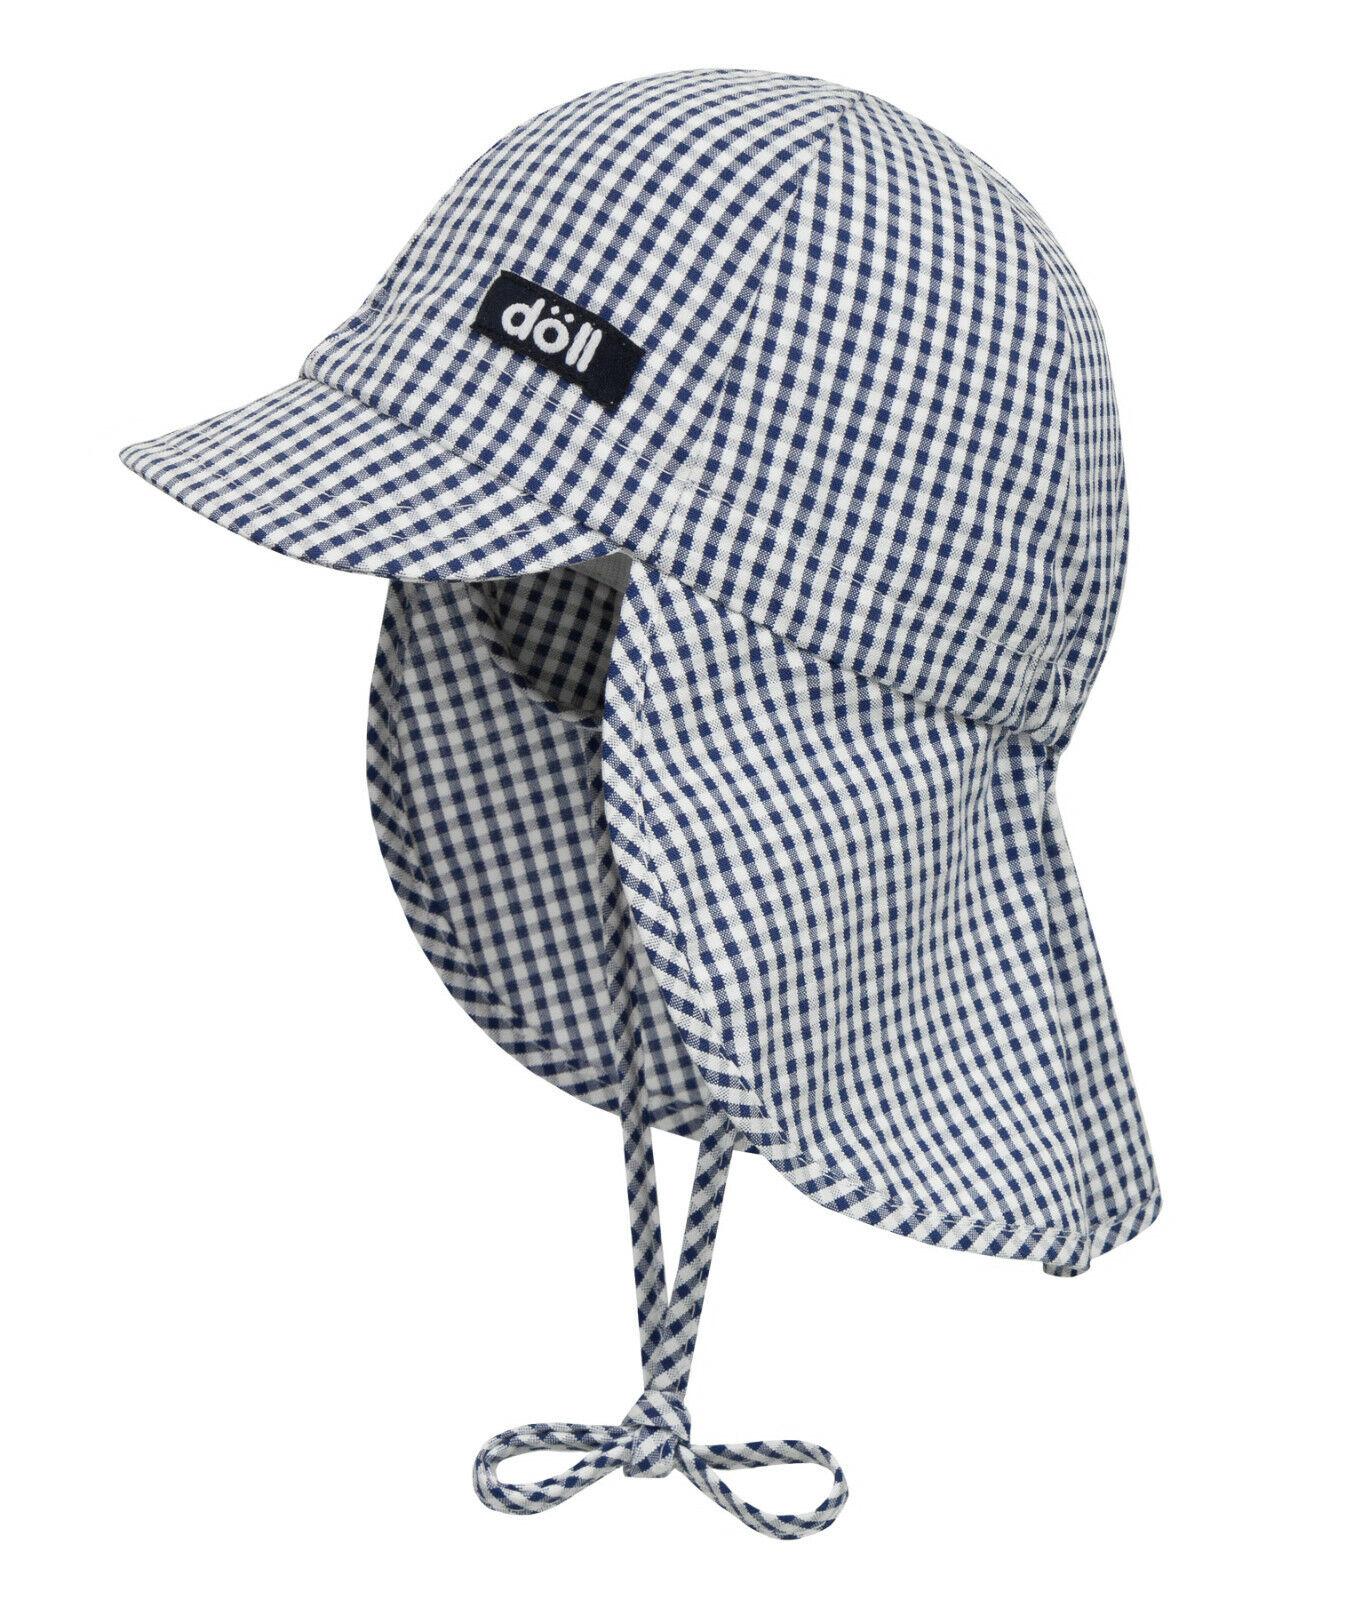 DÖLL® Baby Sonnenhut Hut Nackenschutz Mütze Karo Blau Unisex 41-49 S 2019 NEU!